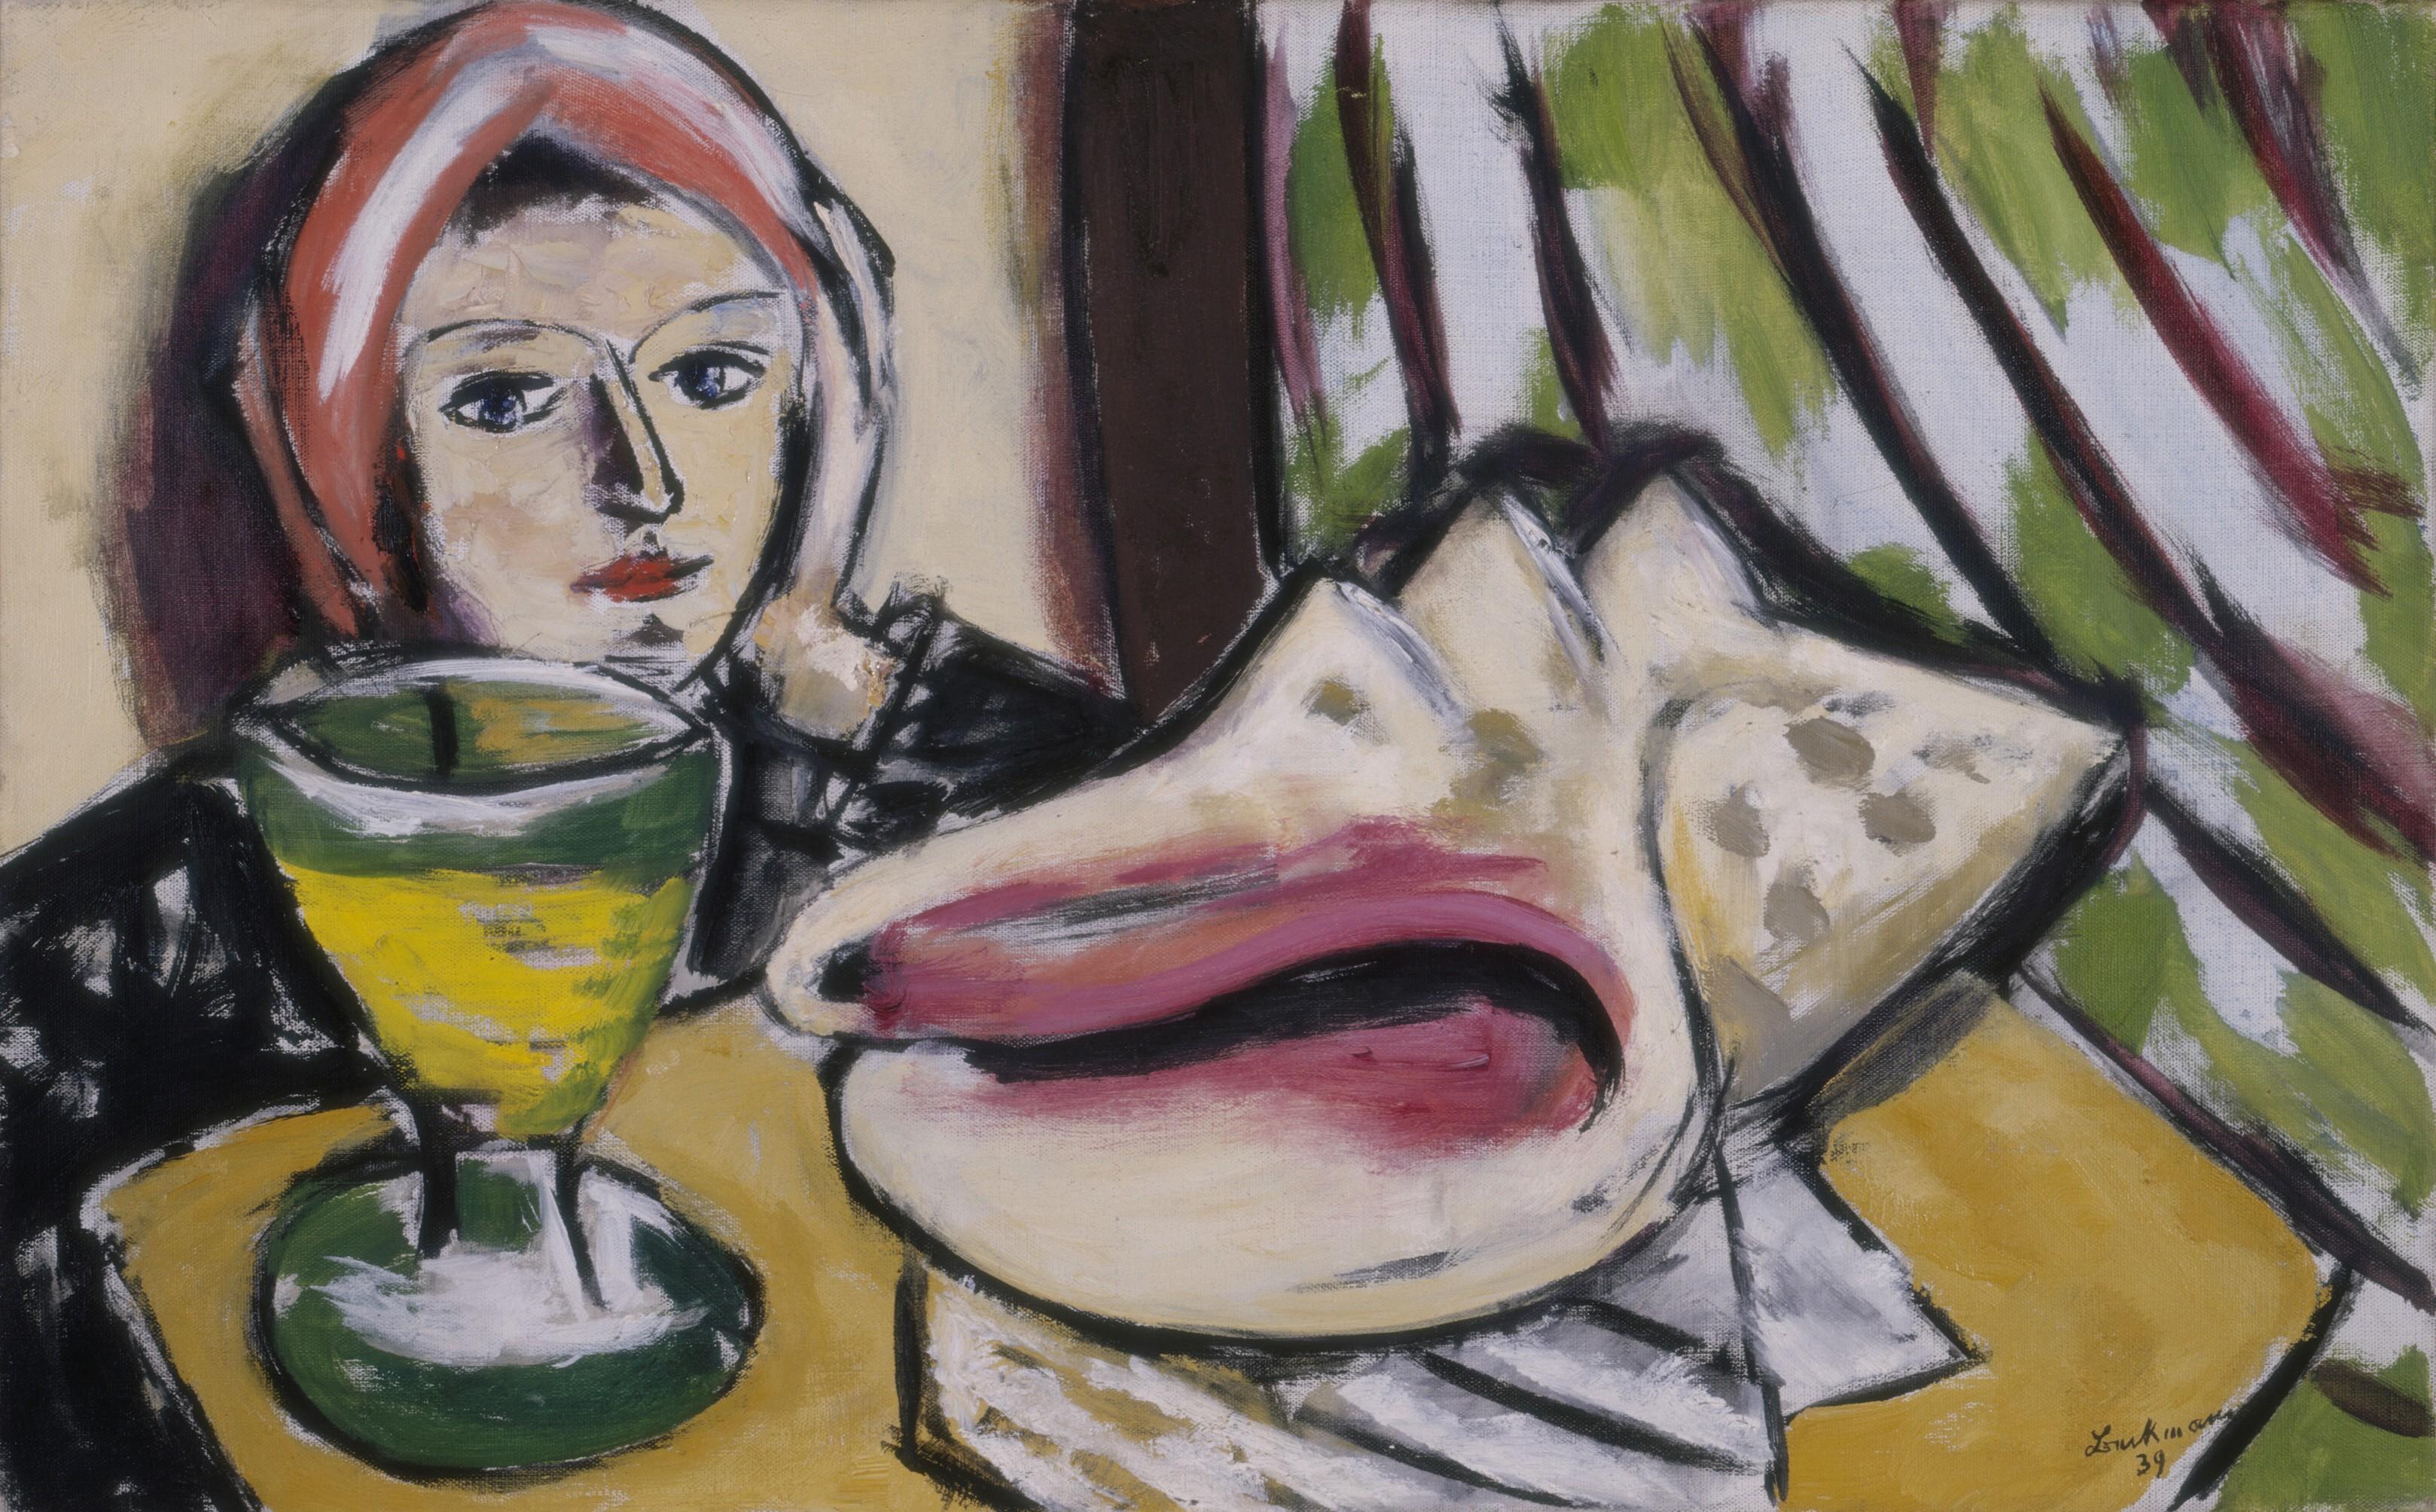 Max Beckmann (1884-1950),  Stillleben mit großer Muschel, 1939  Öl auf Leinwand, 50 x 81 cm  The Baltimore Museum of Art, Gift of William Dickey, Jr.,  BMA 1955.77  © VG Bild-Kunst, Bonn 2014